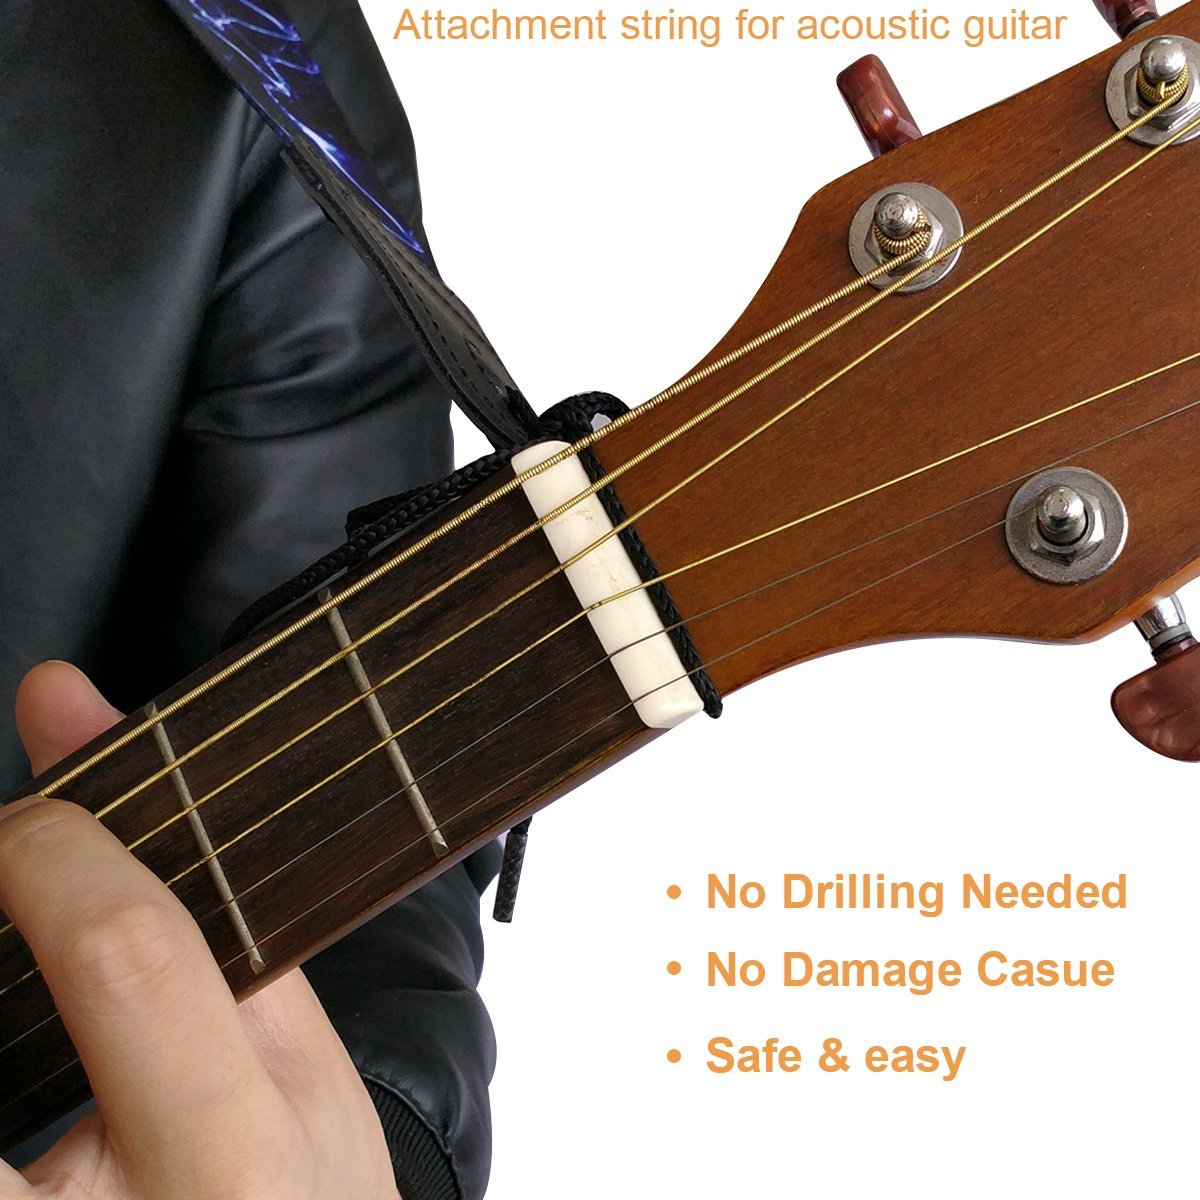 Paquete de correa de guitarra que incluye un conjunto de cerraduras de correa / 1 protección de punta / punta para guitarras de bajo, eléctricas y ...